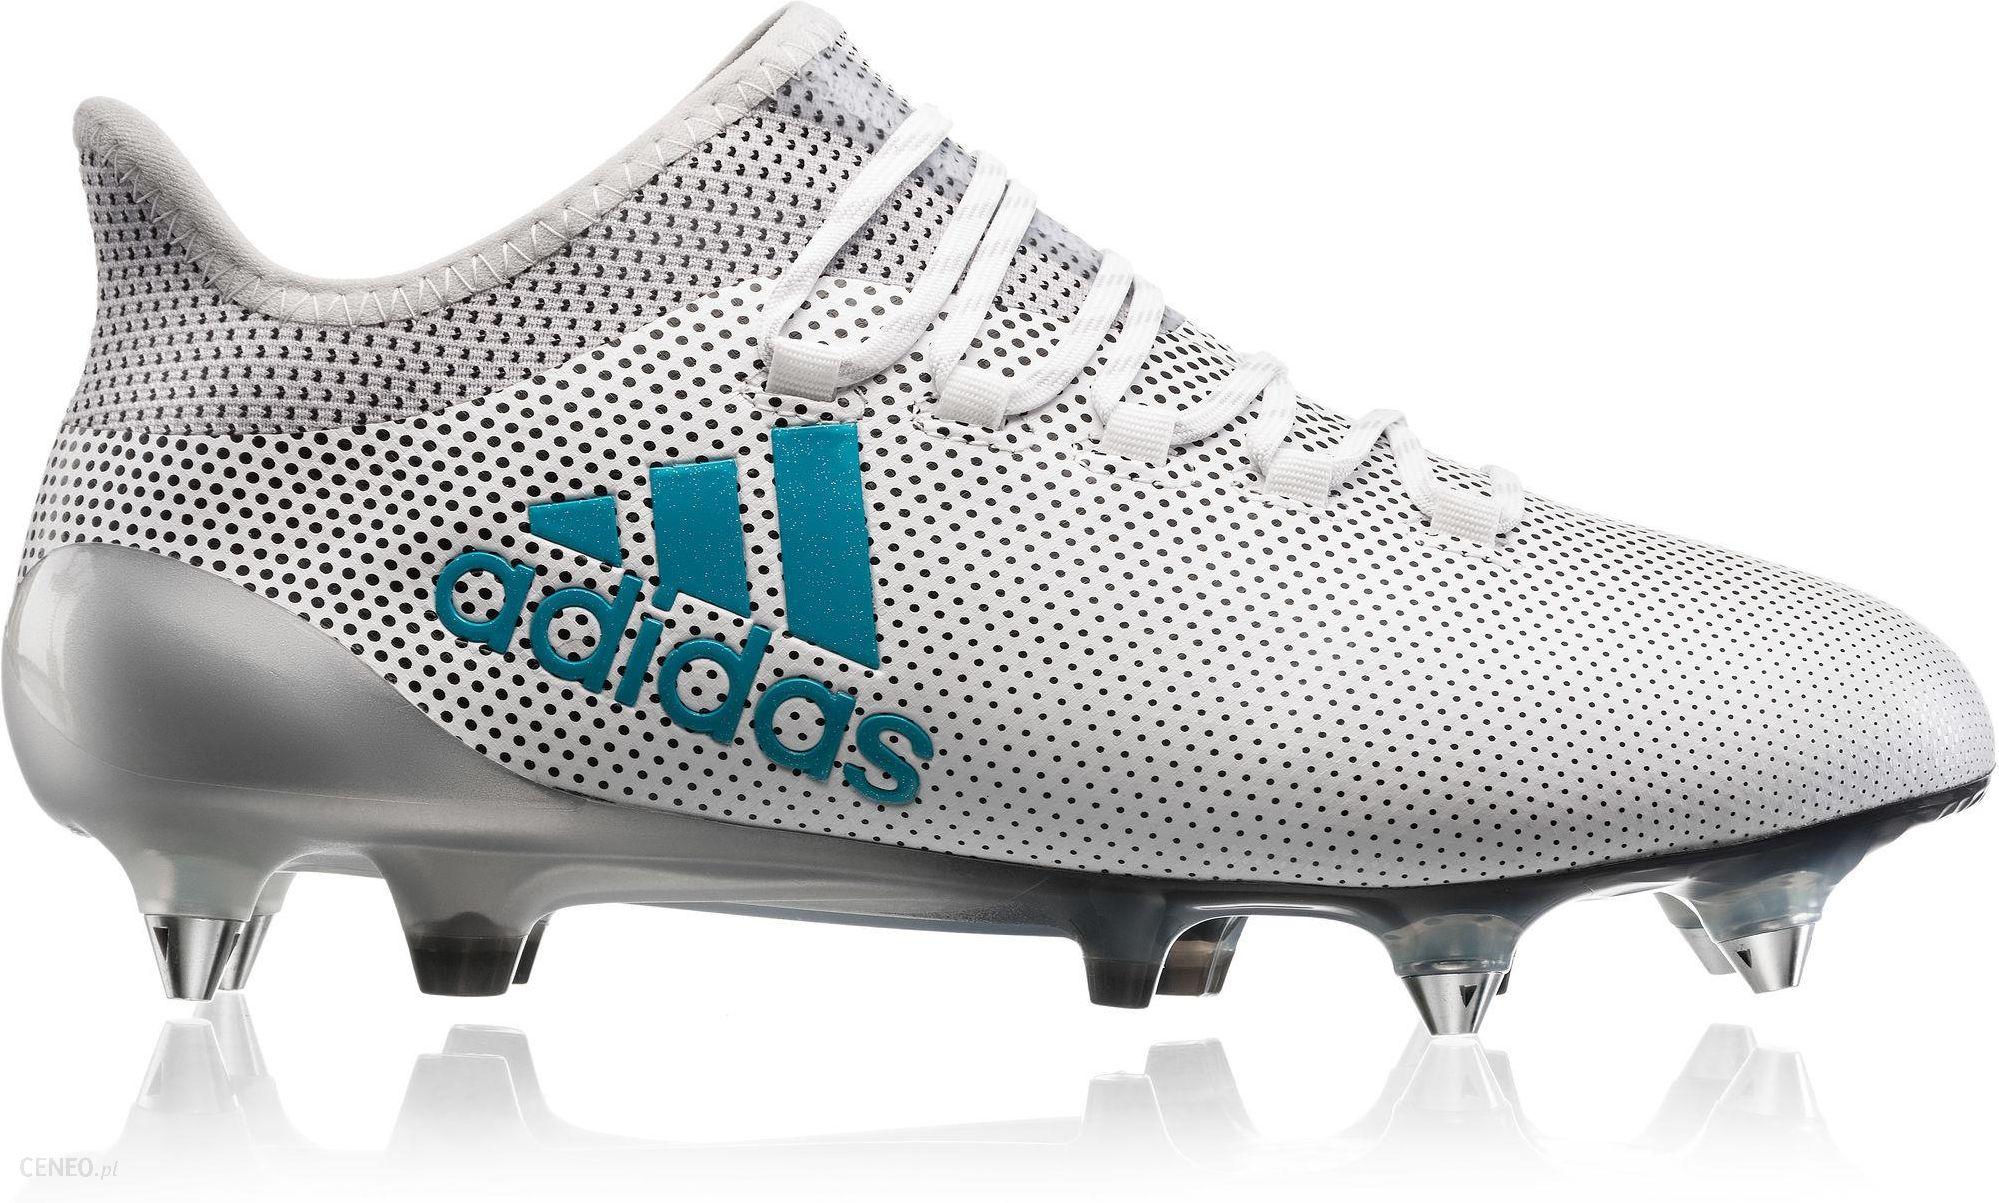 butik wyprzedażowy na sprzedaż online rozsądna cena Adidas Buty Piłkarskie Korki X 17.1 Techfit Sg Białe S82315